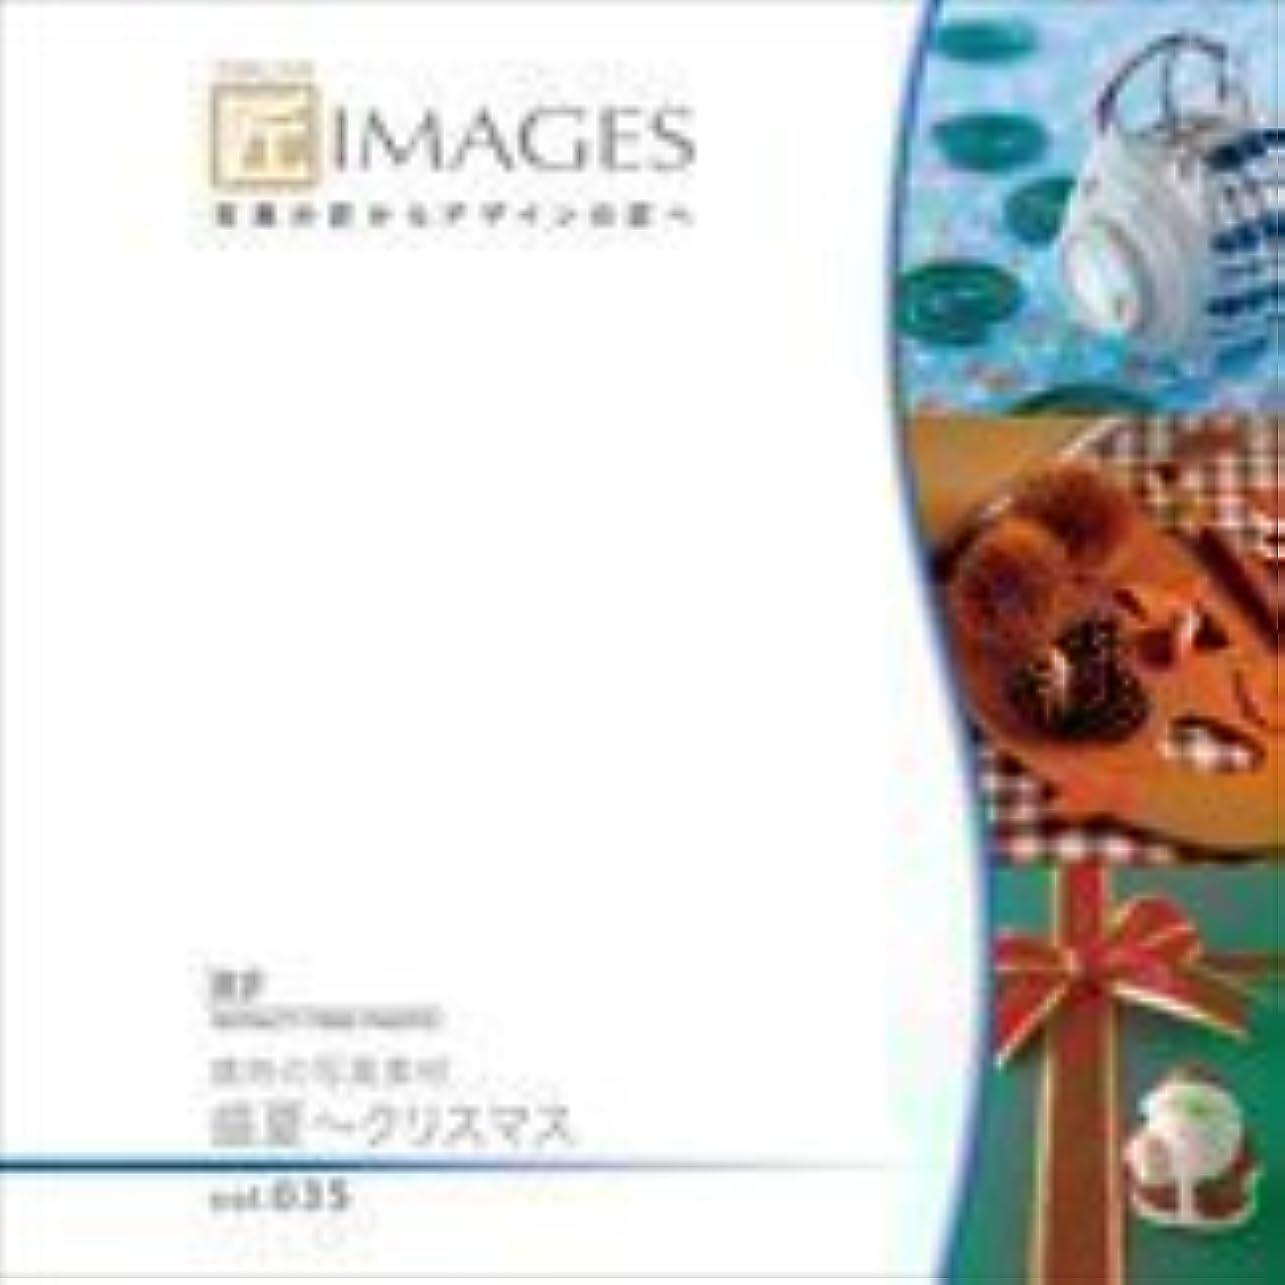 ギネスかどうか排泄する匠IMAGES Vol.035 歳時の写真素材 盛夏-クリスマス